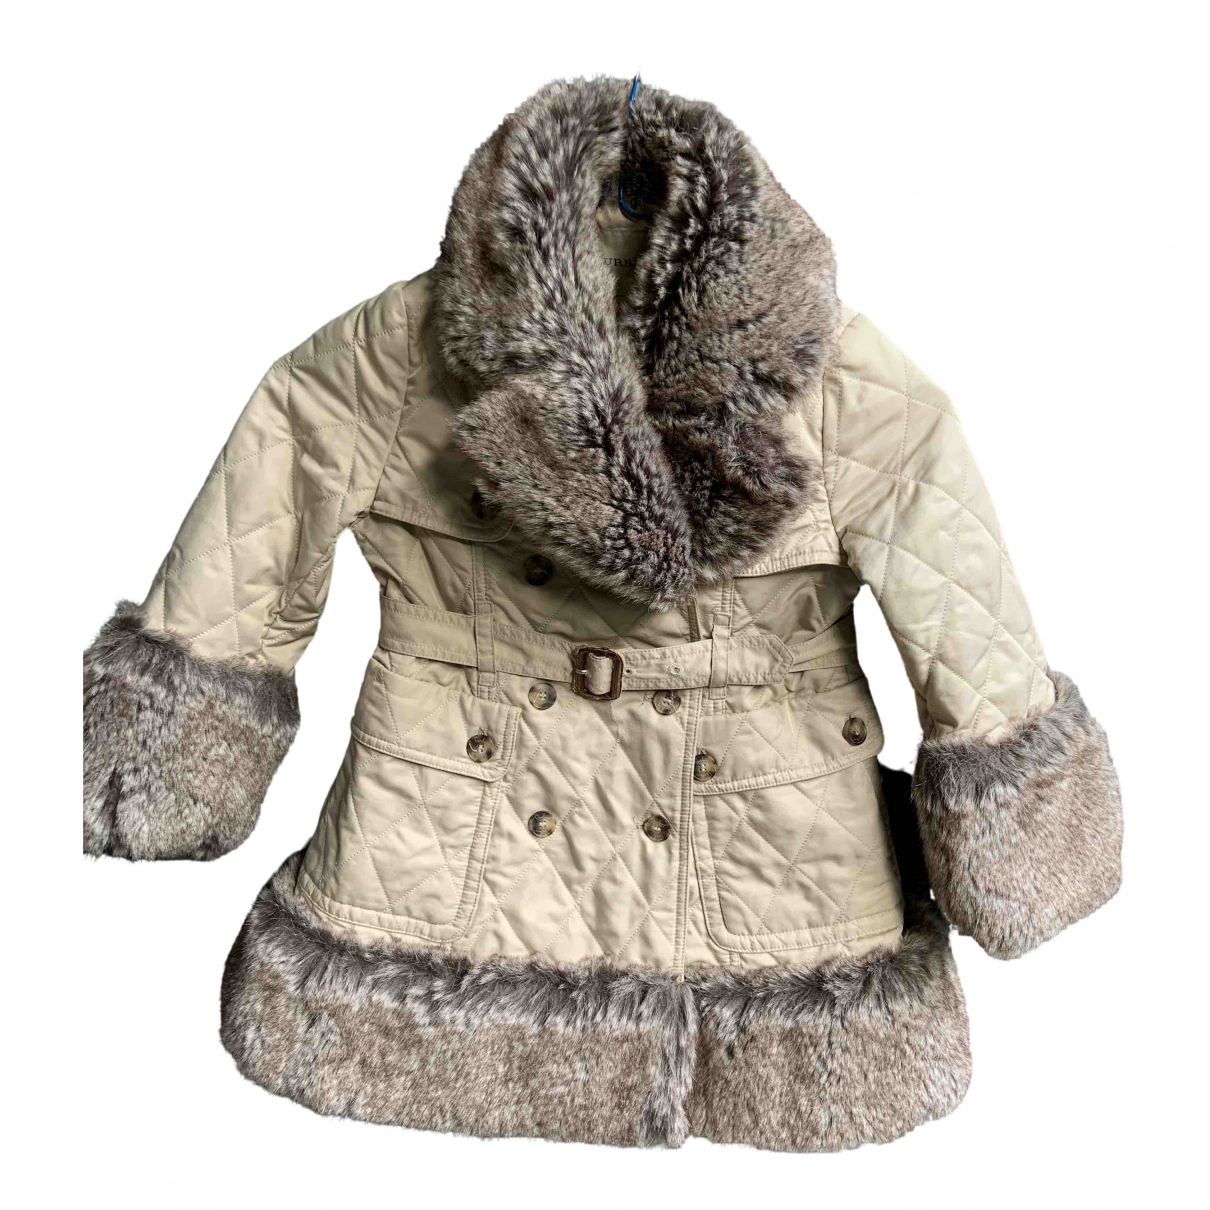 Burberry - Blousons.Manteaux   pour enfant - beige